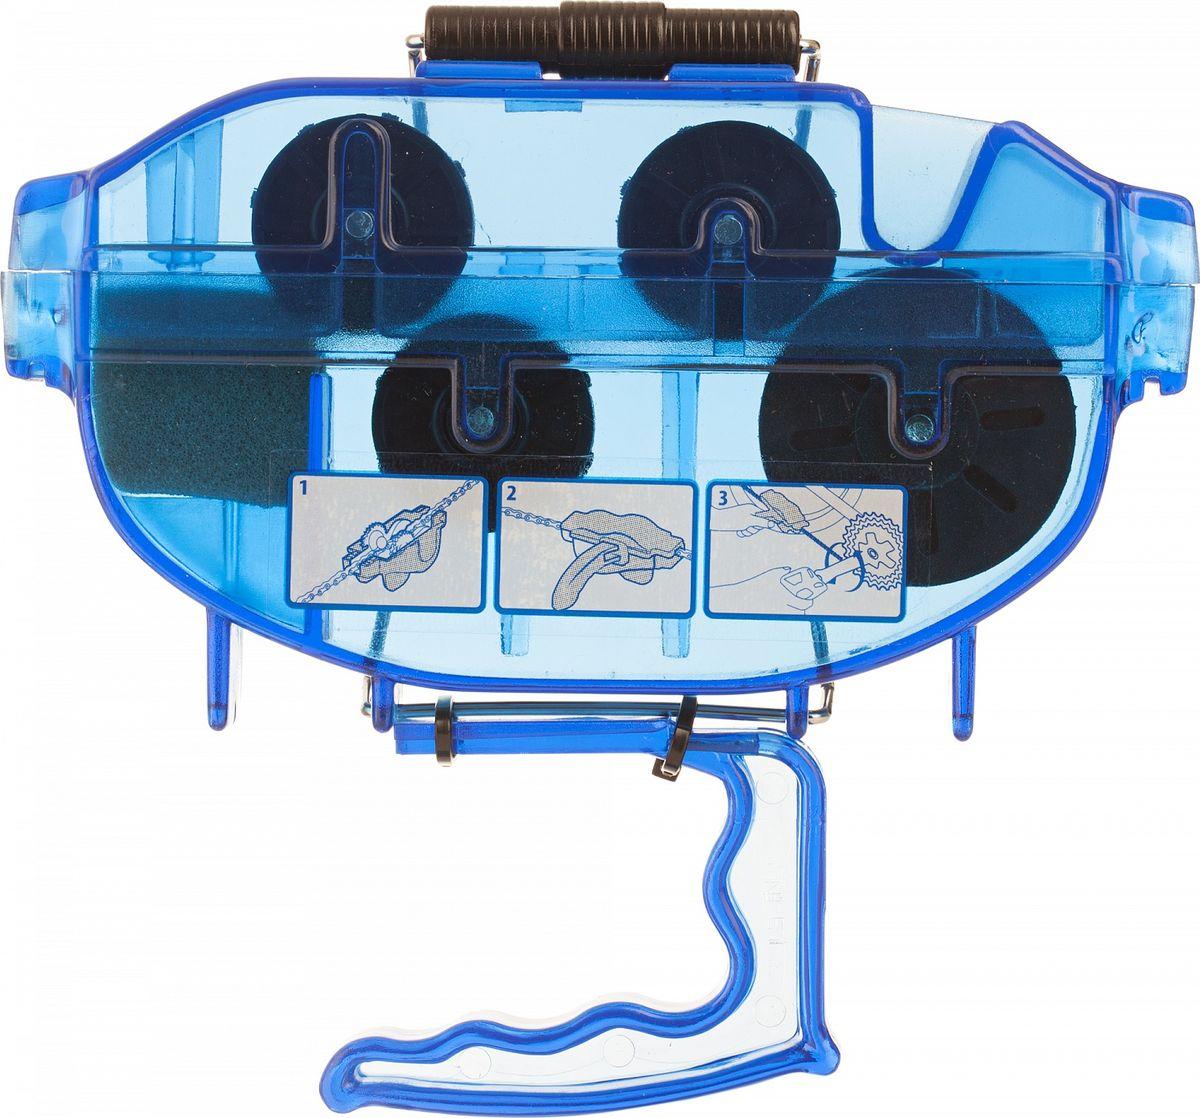 Машинка для чистки велосипедной цепи Cyclotech Chain Cleaner, цвет: синий решетка гриль hot pot универсальная большая арт 61341 38 28 4 58см